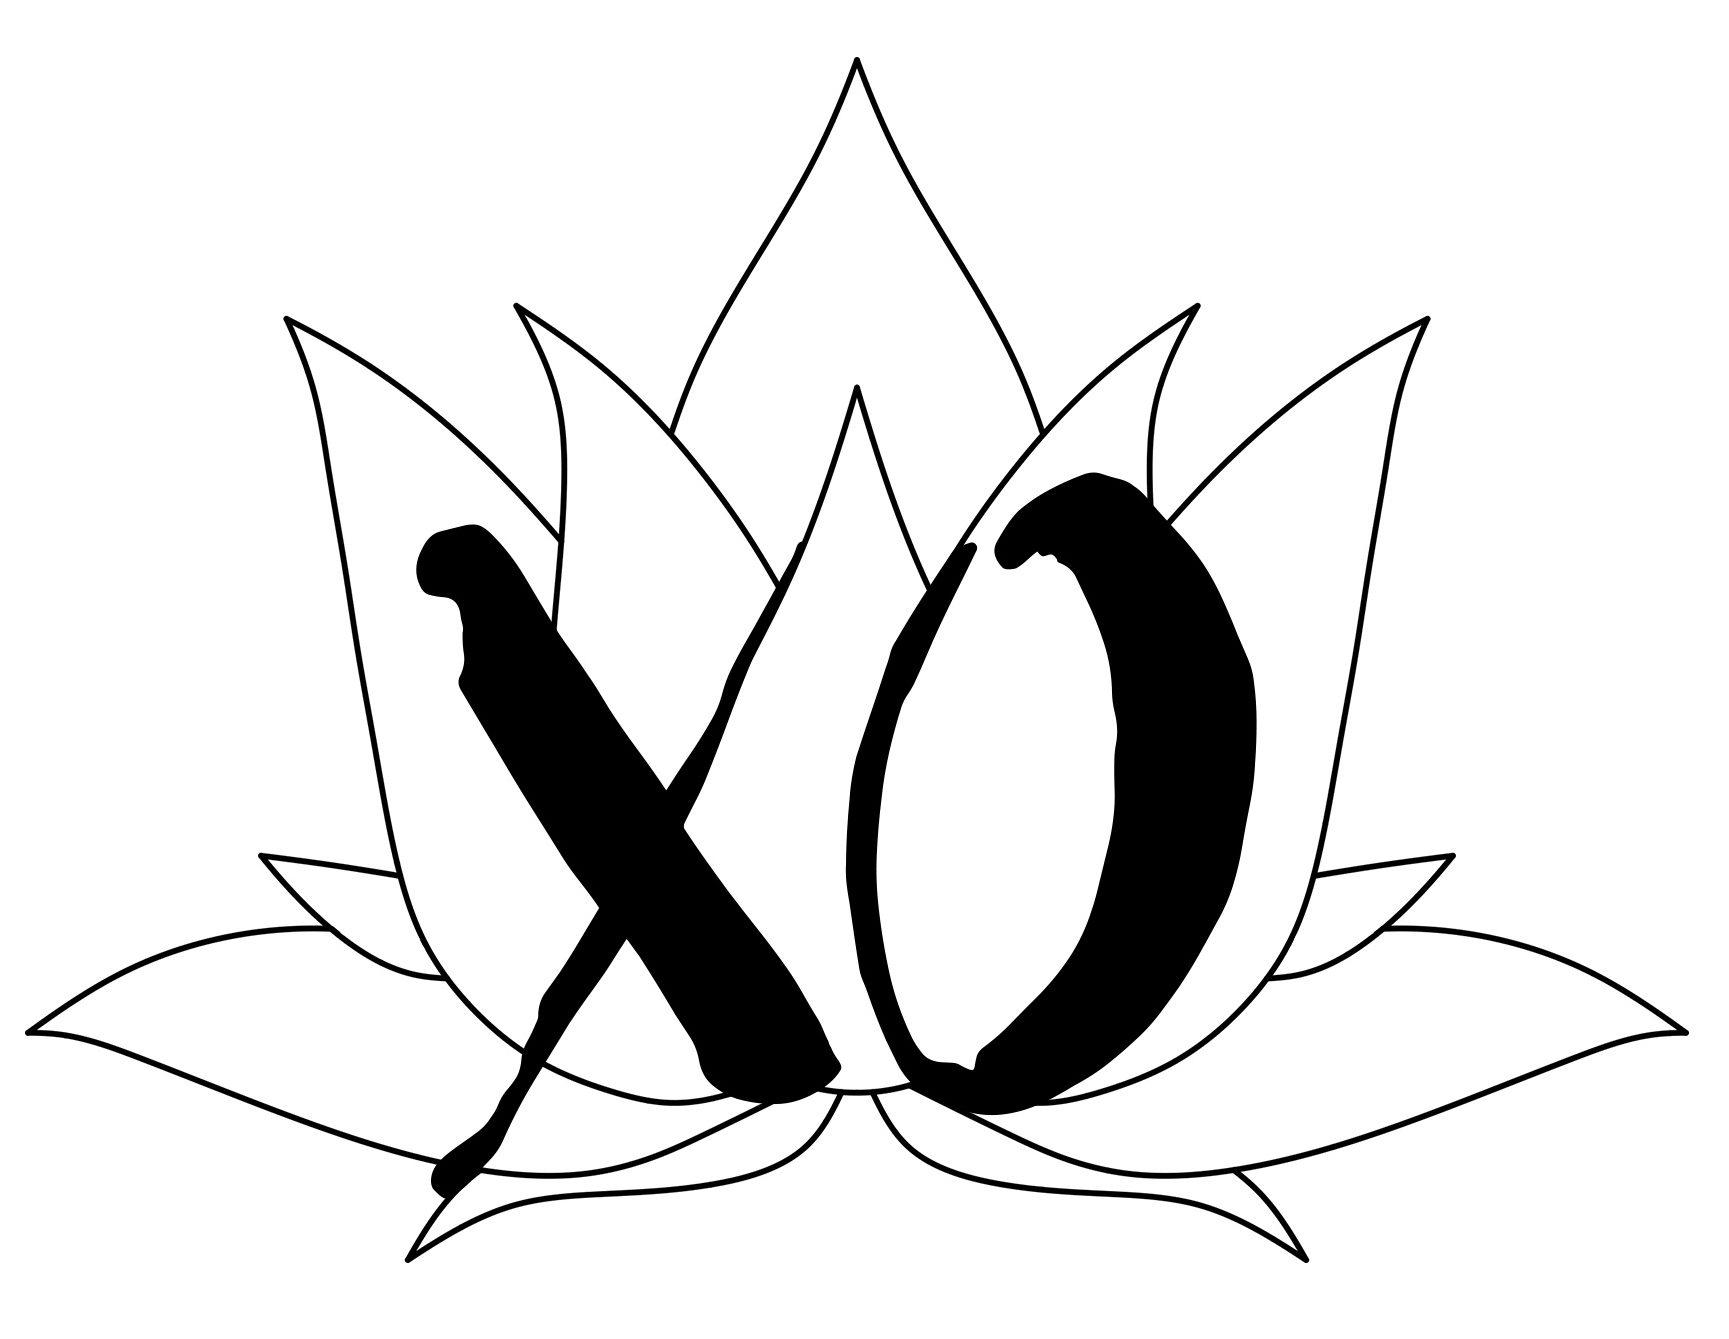 yga_xo